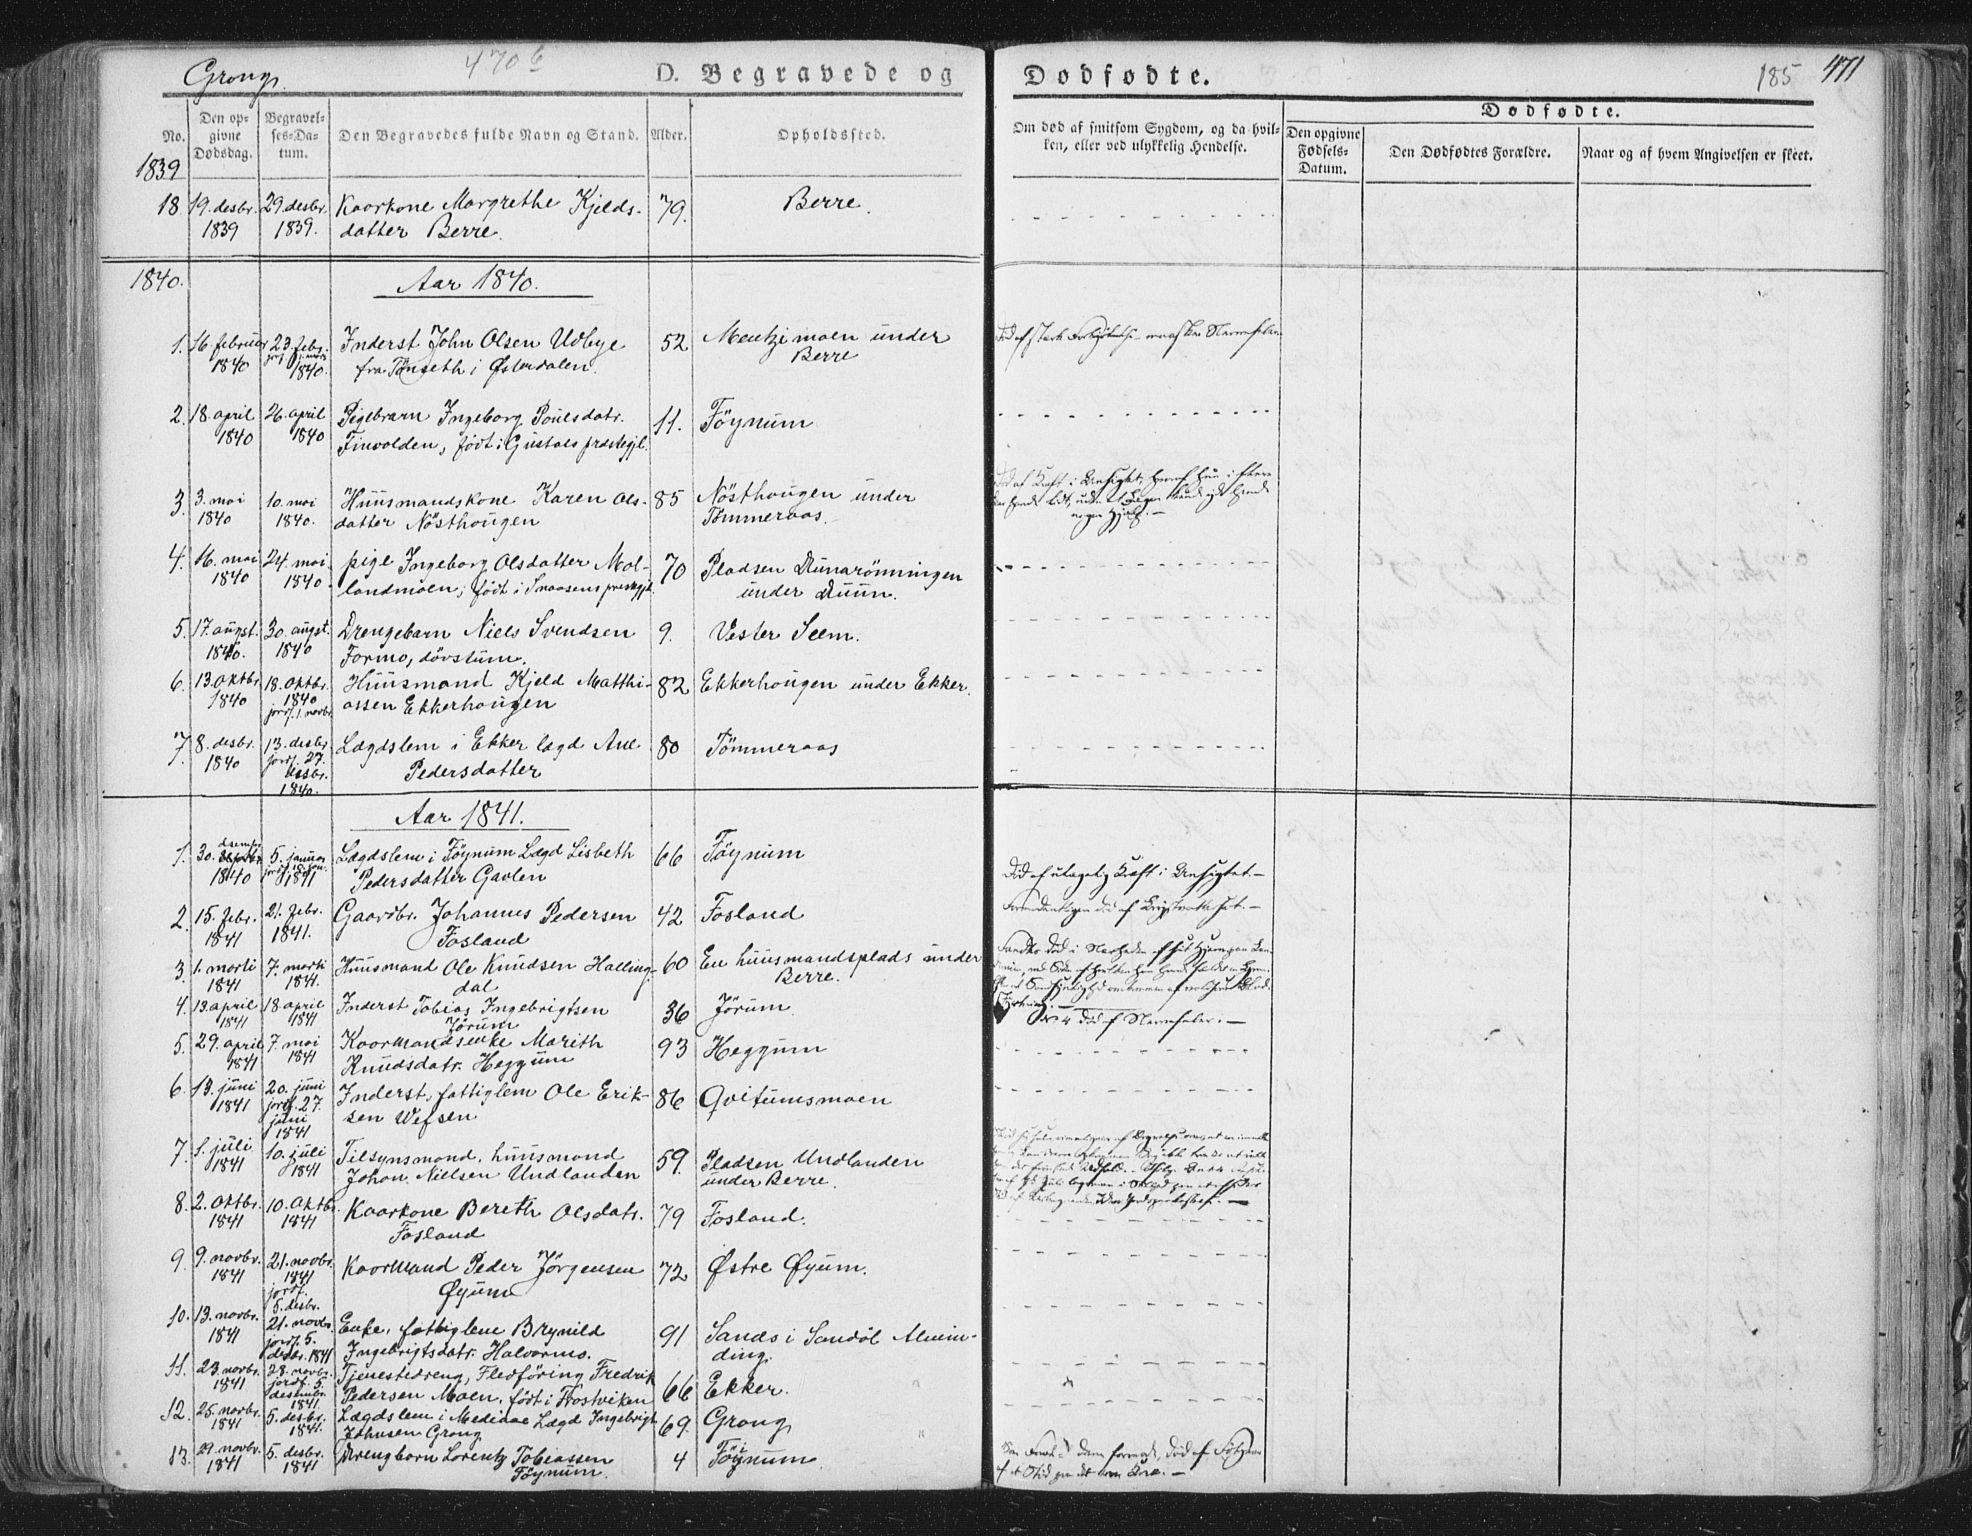 SAT, Ministerialprotokoller, klokkerbøker og fødselsregistre - Nord-Trøndelag, 758/L0513: Ministerialbok nr. 758A02 /1, 1839-1868, s. 185